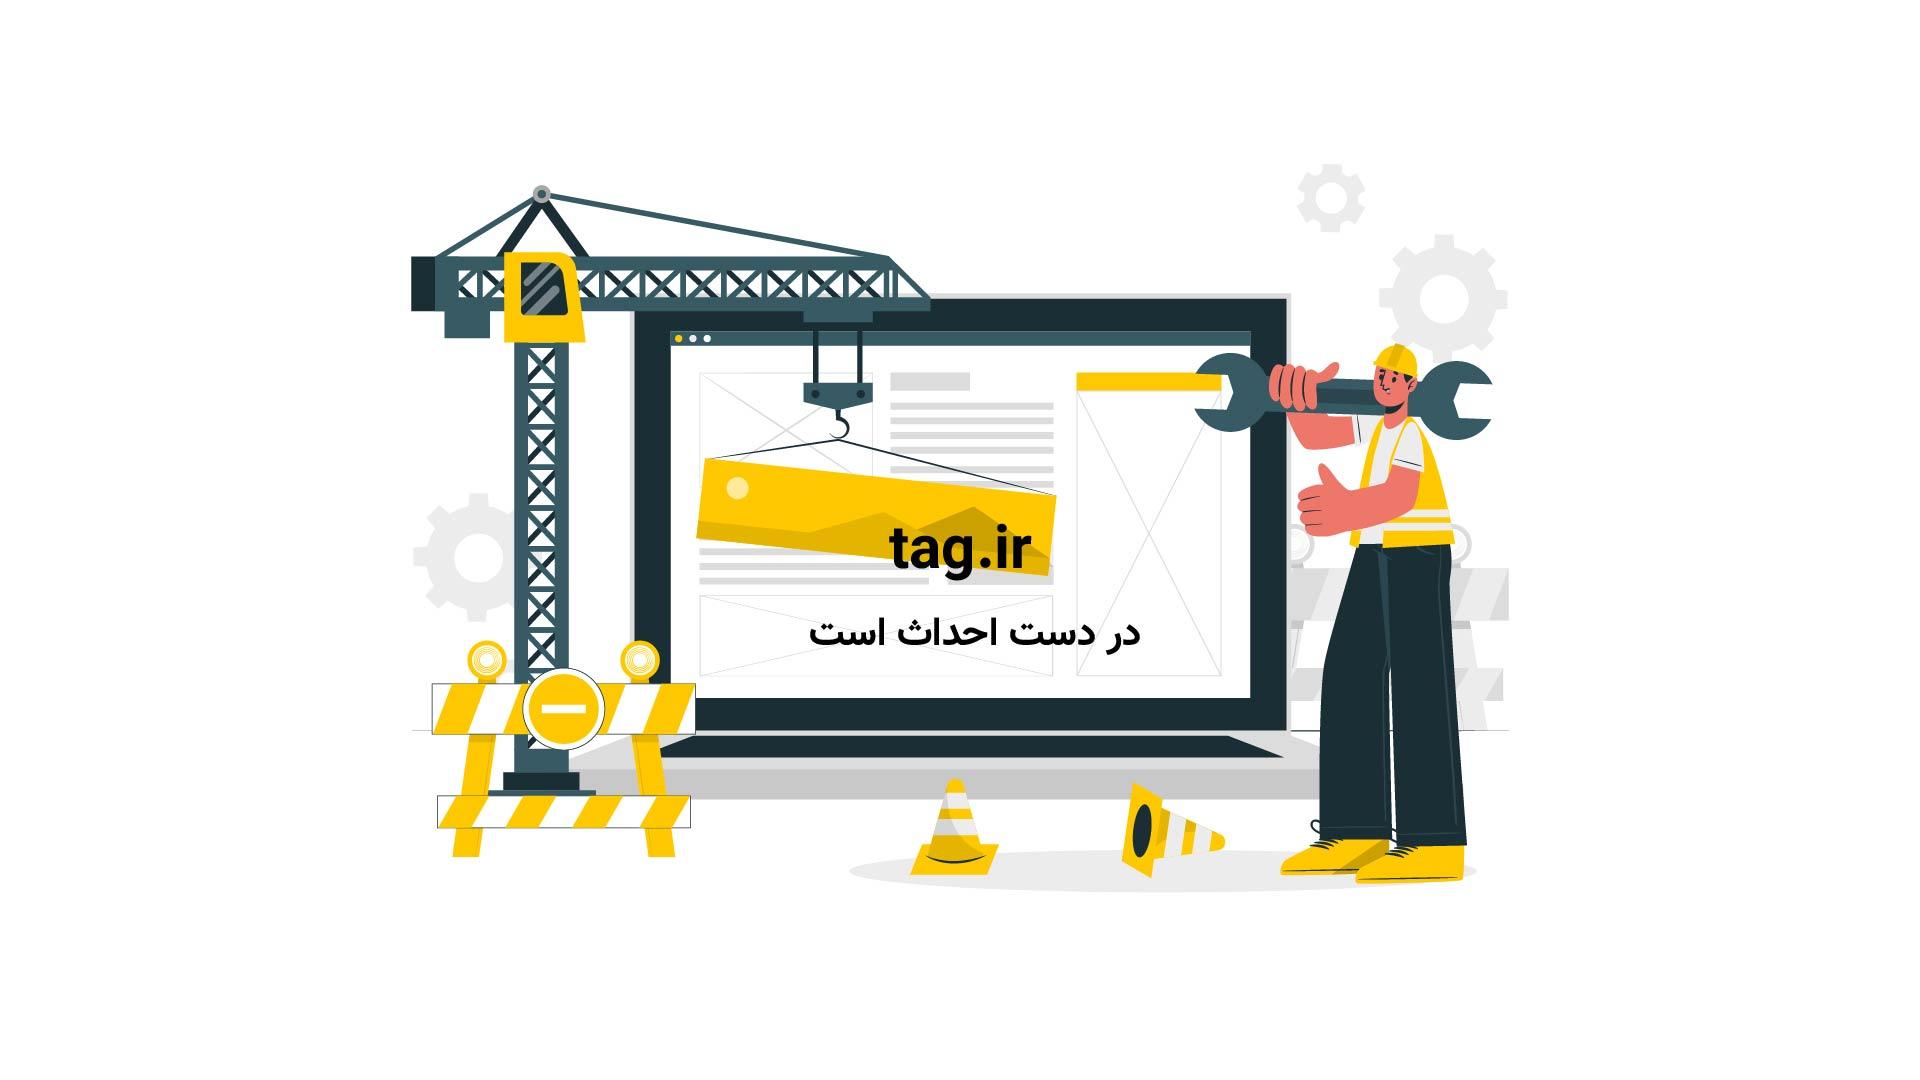 ربات «کانادارم دو» ساخته آژانس فضایی کانادا را بهتر بشناسید | فیلم